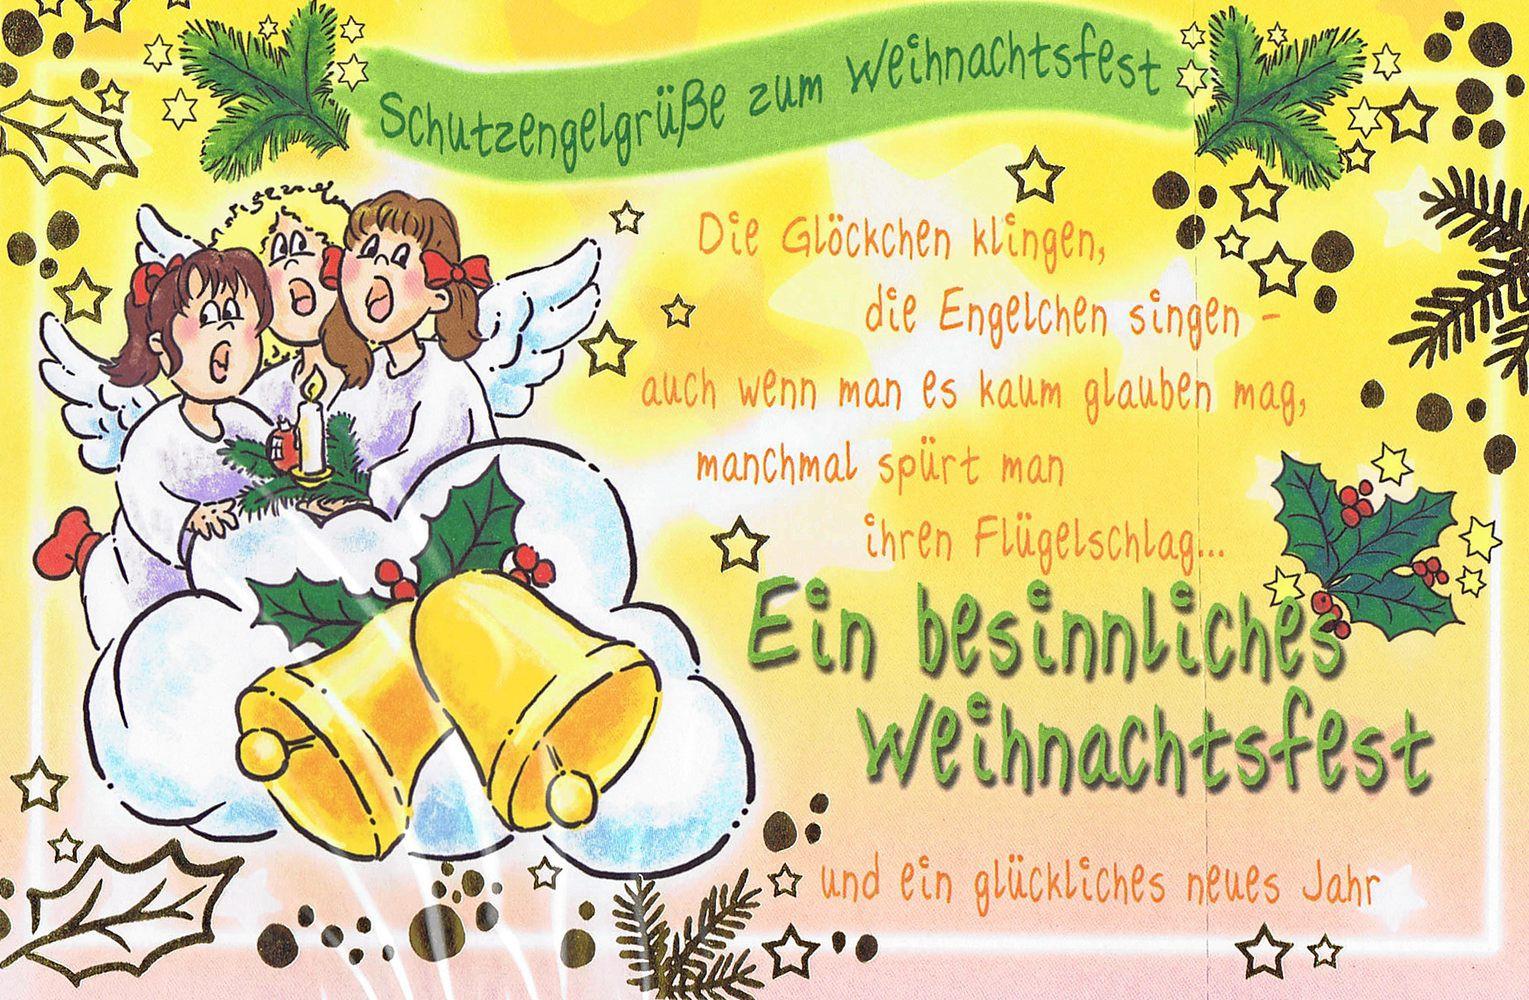 Weihnachtskarte 3478: Weihnachtsgrüße vom Schutzengel